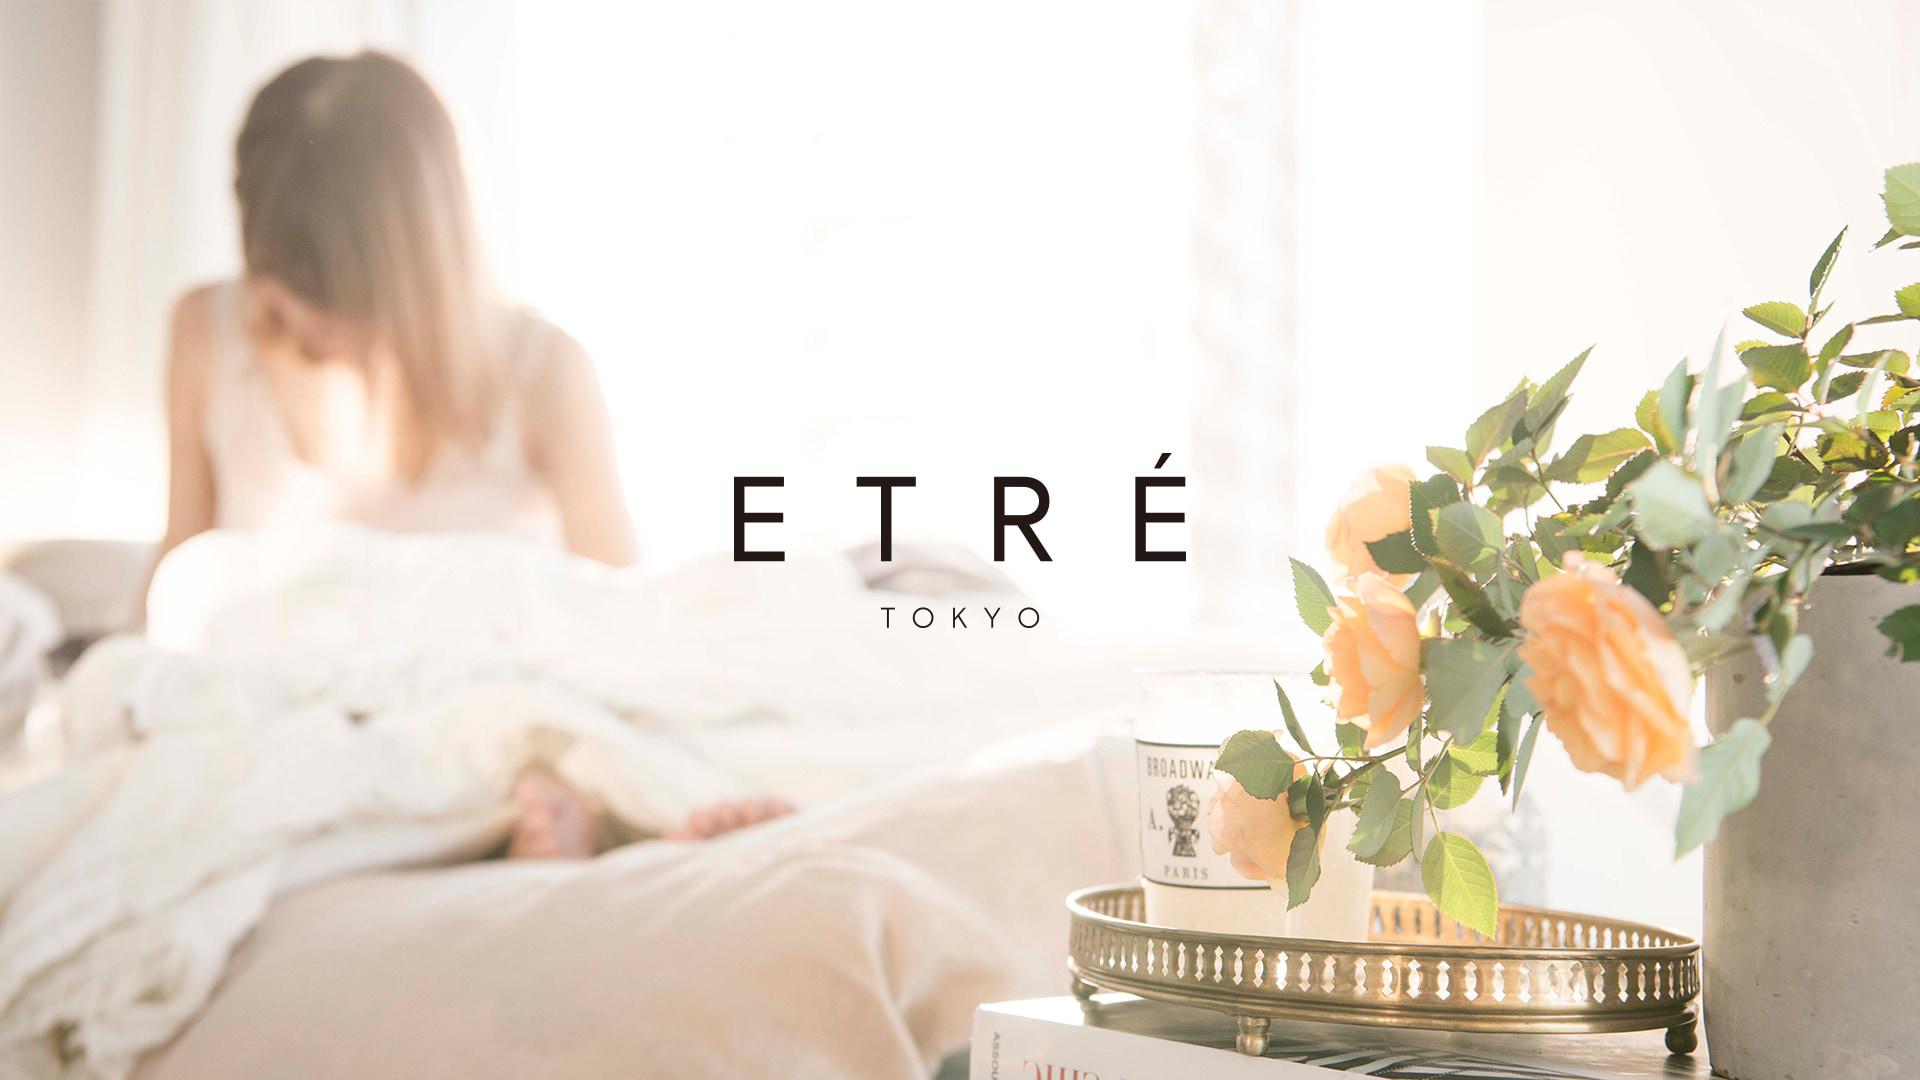 次世代クリエイティブディレクター、JUNNAが手がける「ETRÉ TOKYO」、まもなくお披露目